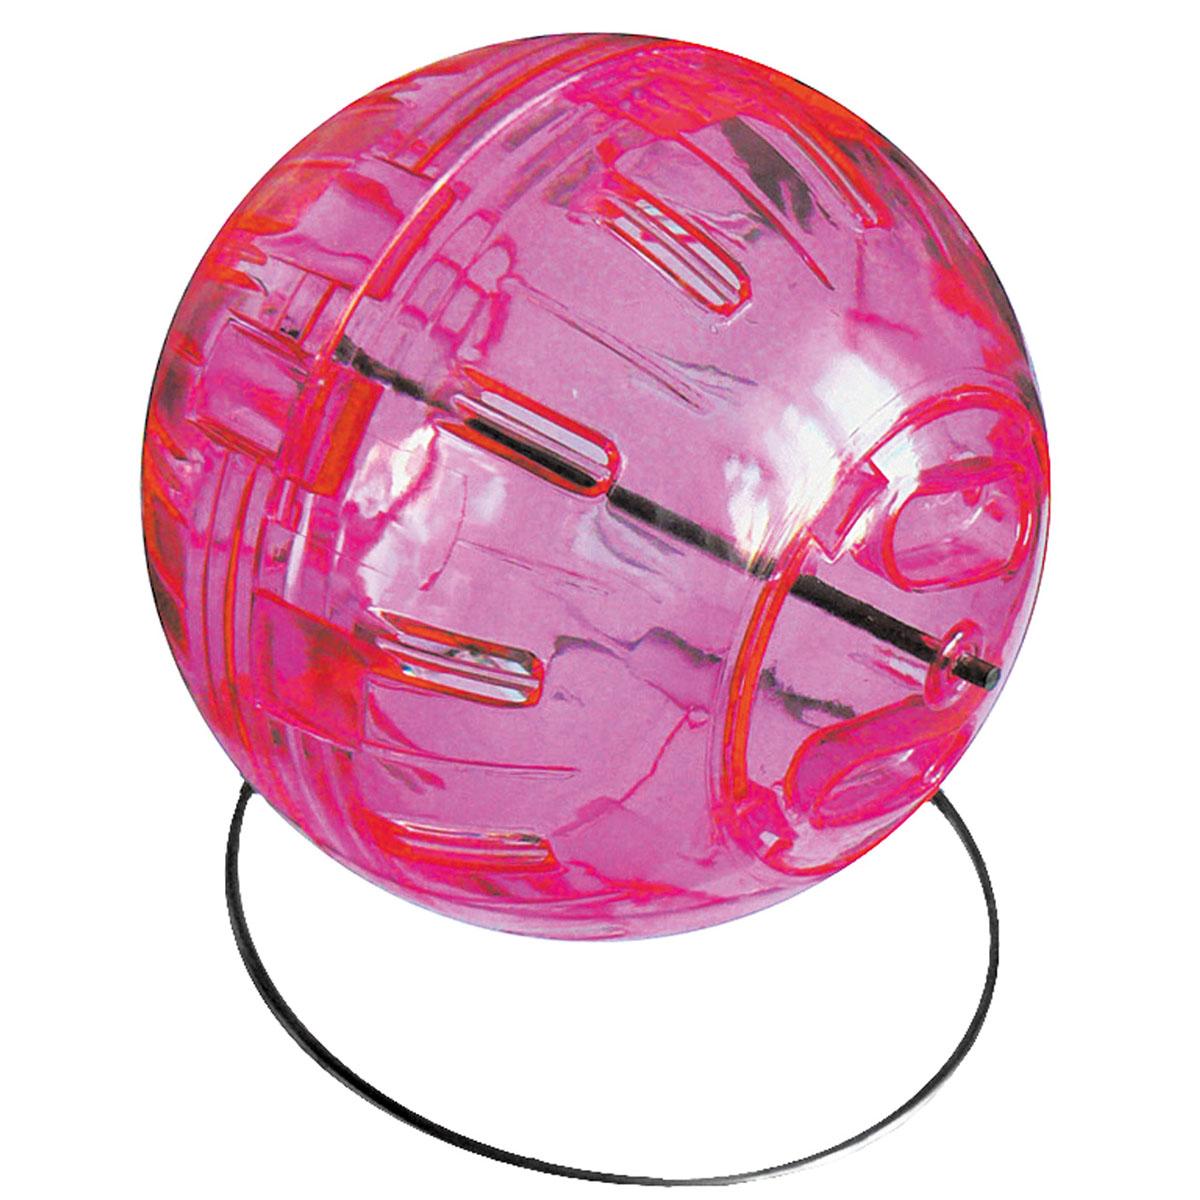 Тренажер (шар прогулочный) для хомяка V.I.Pet, 13 смP598Предназначен для хомяков, крыс и других мелких грызунов.